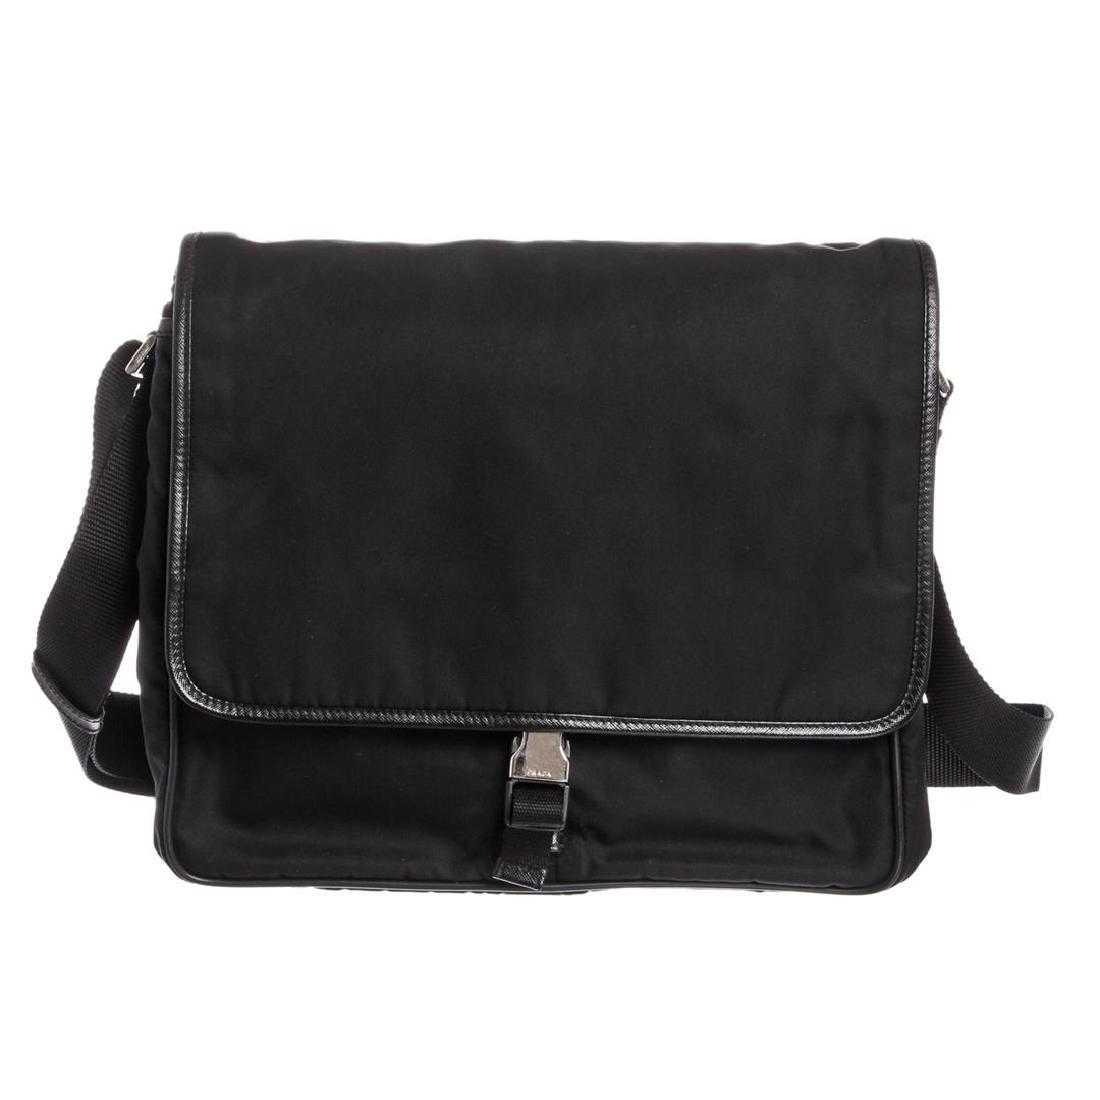 2e5d9bb1f3e4 Prada Black Nylon Leather Trim Messenger Bag